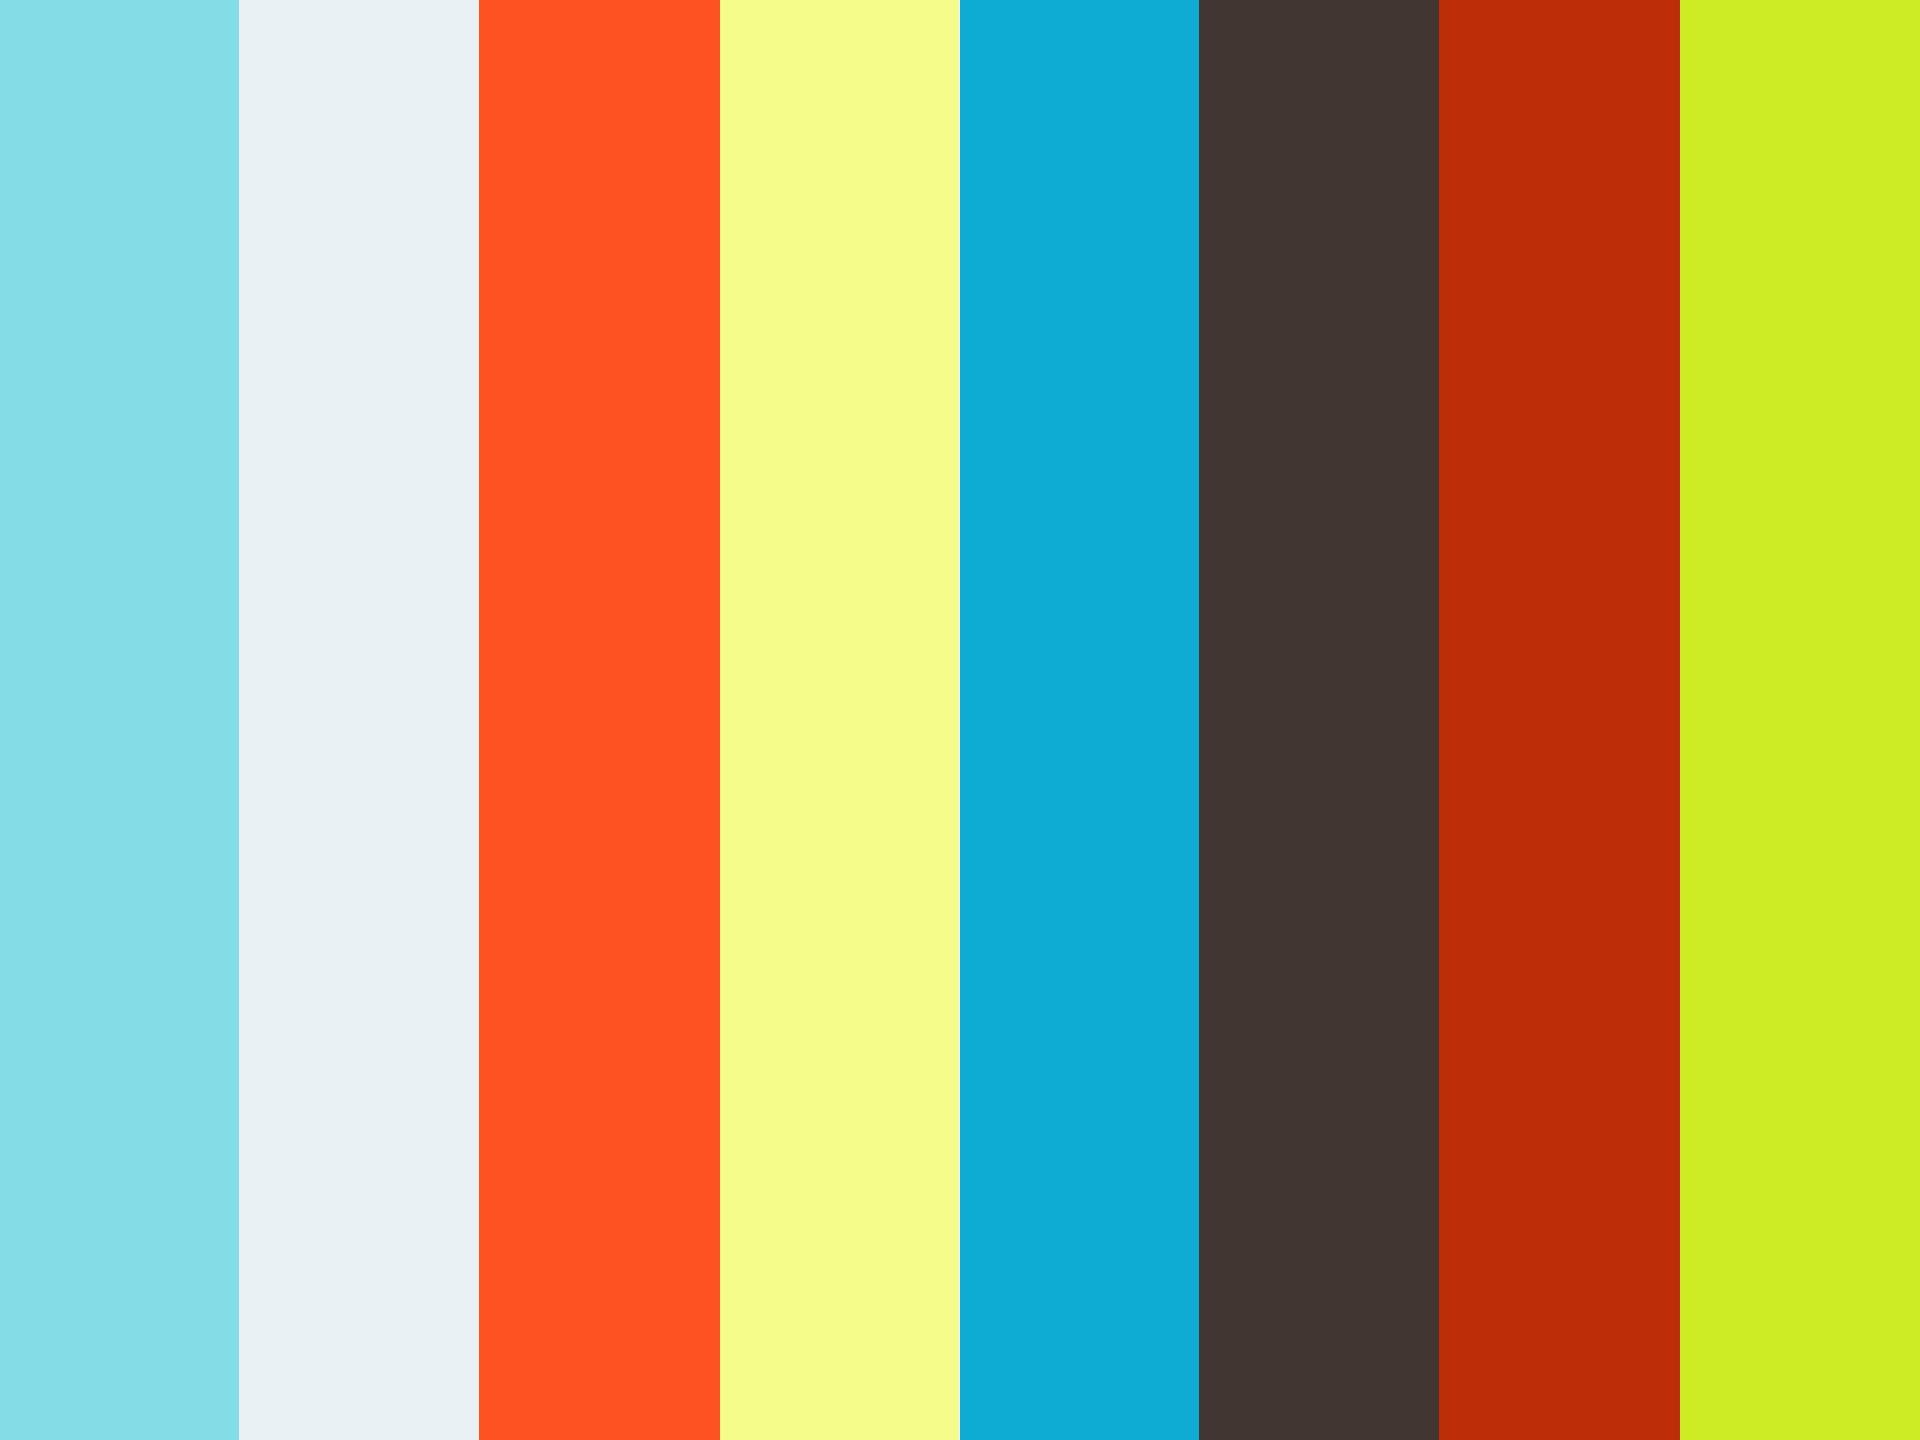 Μένω σπίτι και μαθαίνω | Προδημοτική | Εικαστικές τέχνες (Χρώματα) Επ.40 - 29/05/20